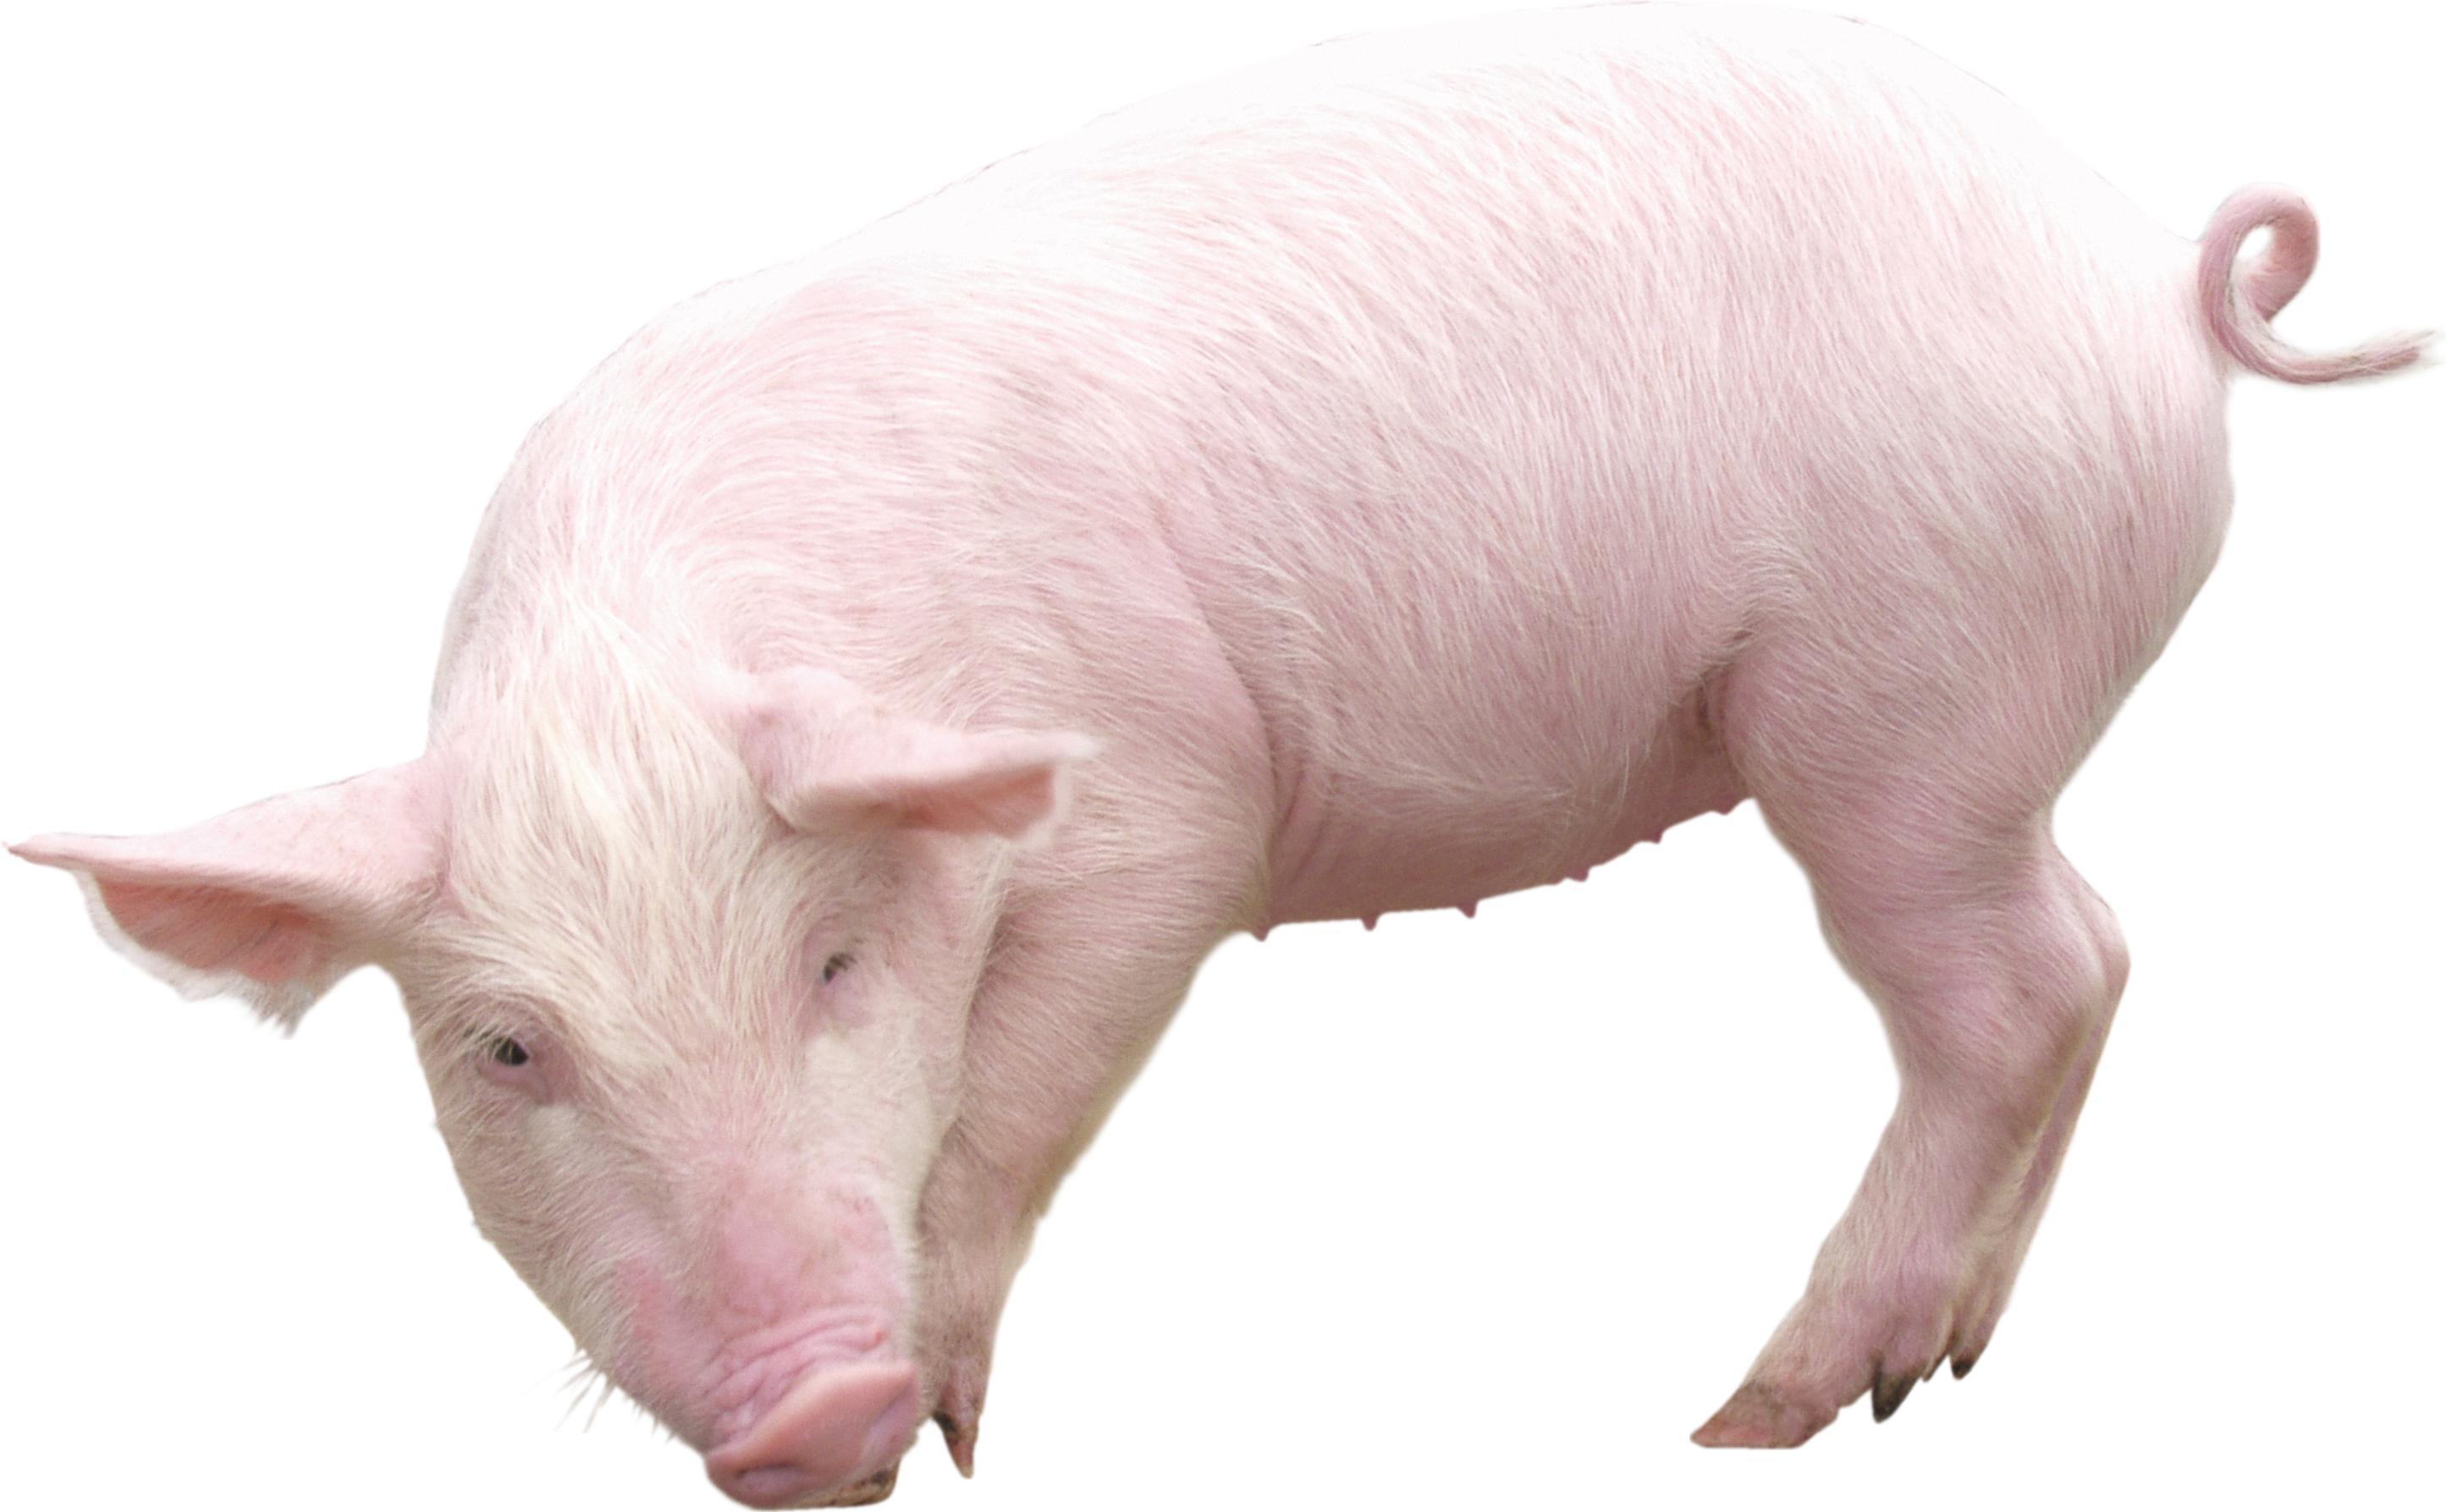 Hog clipart transparent background. Pig png images free